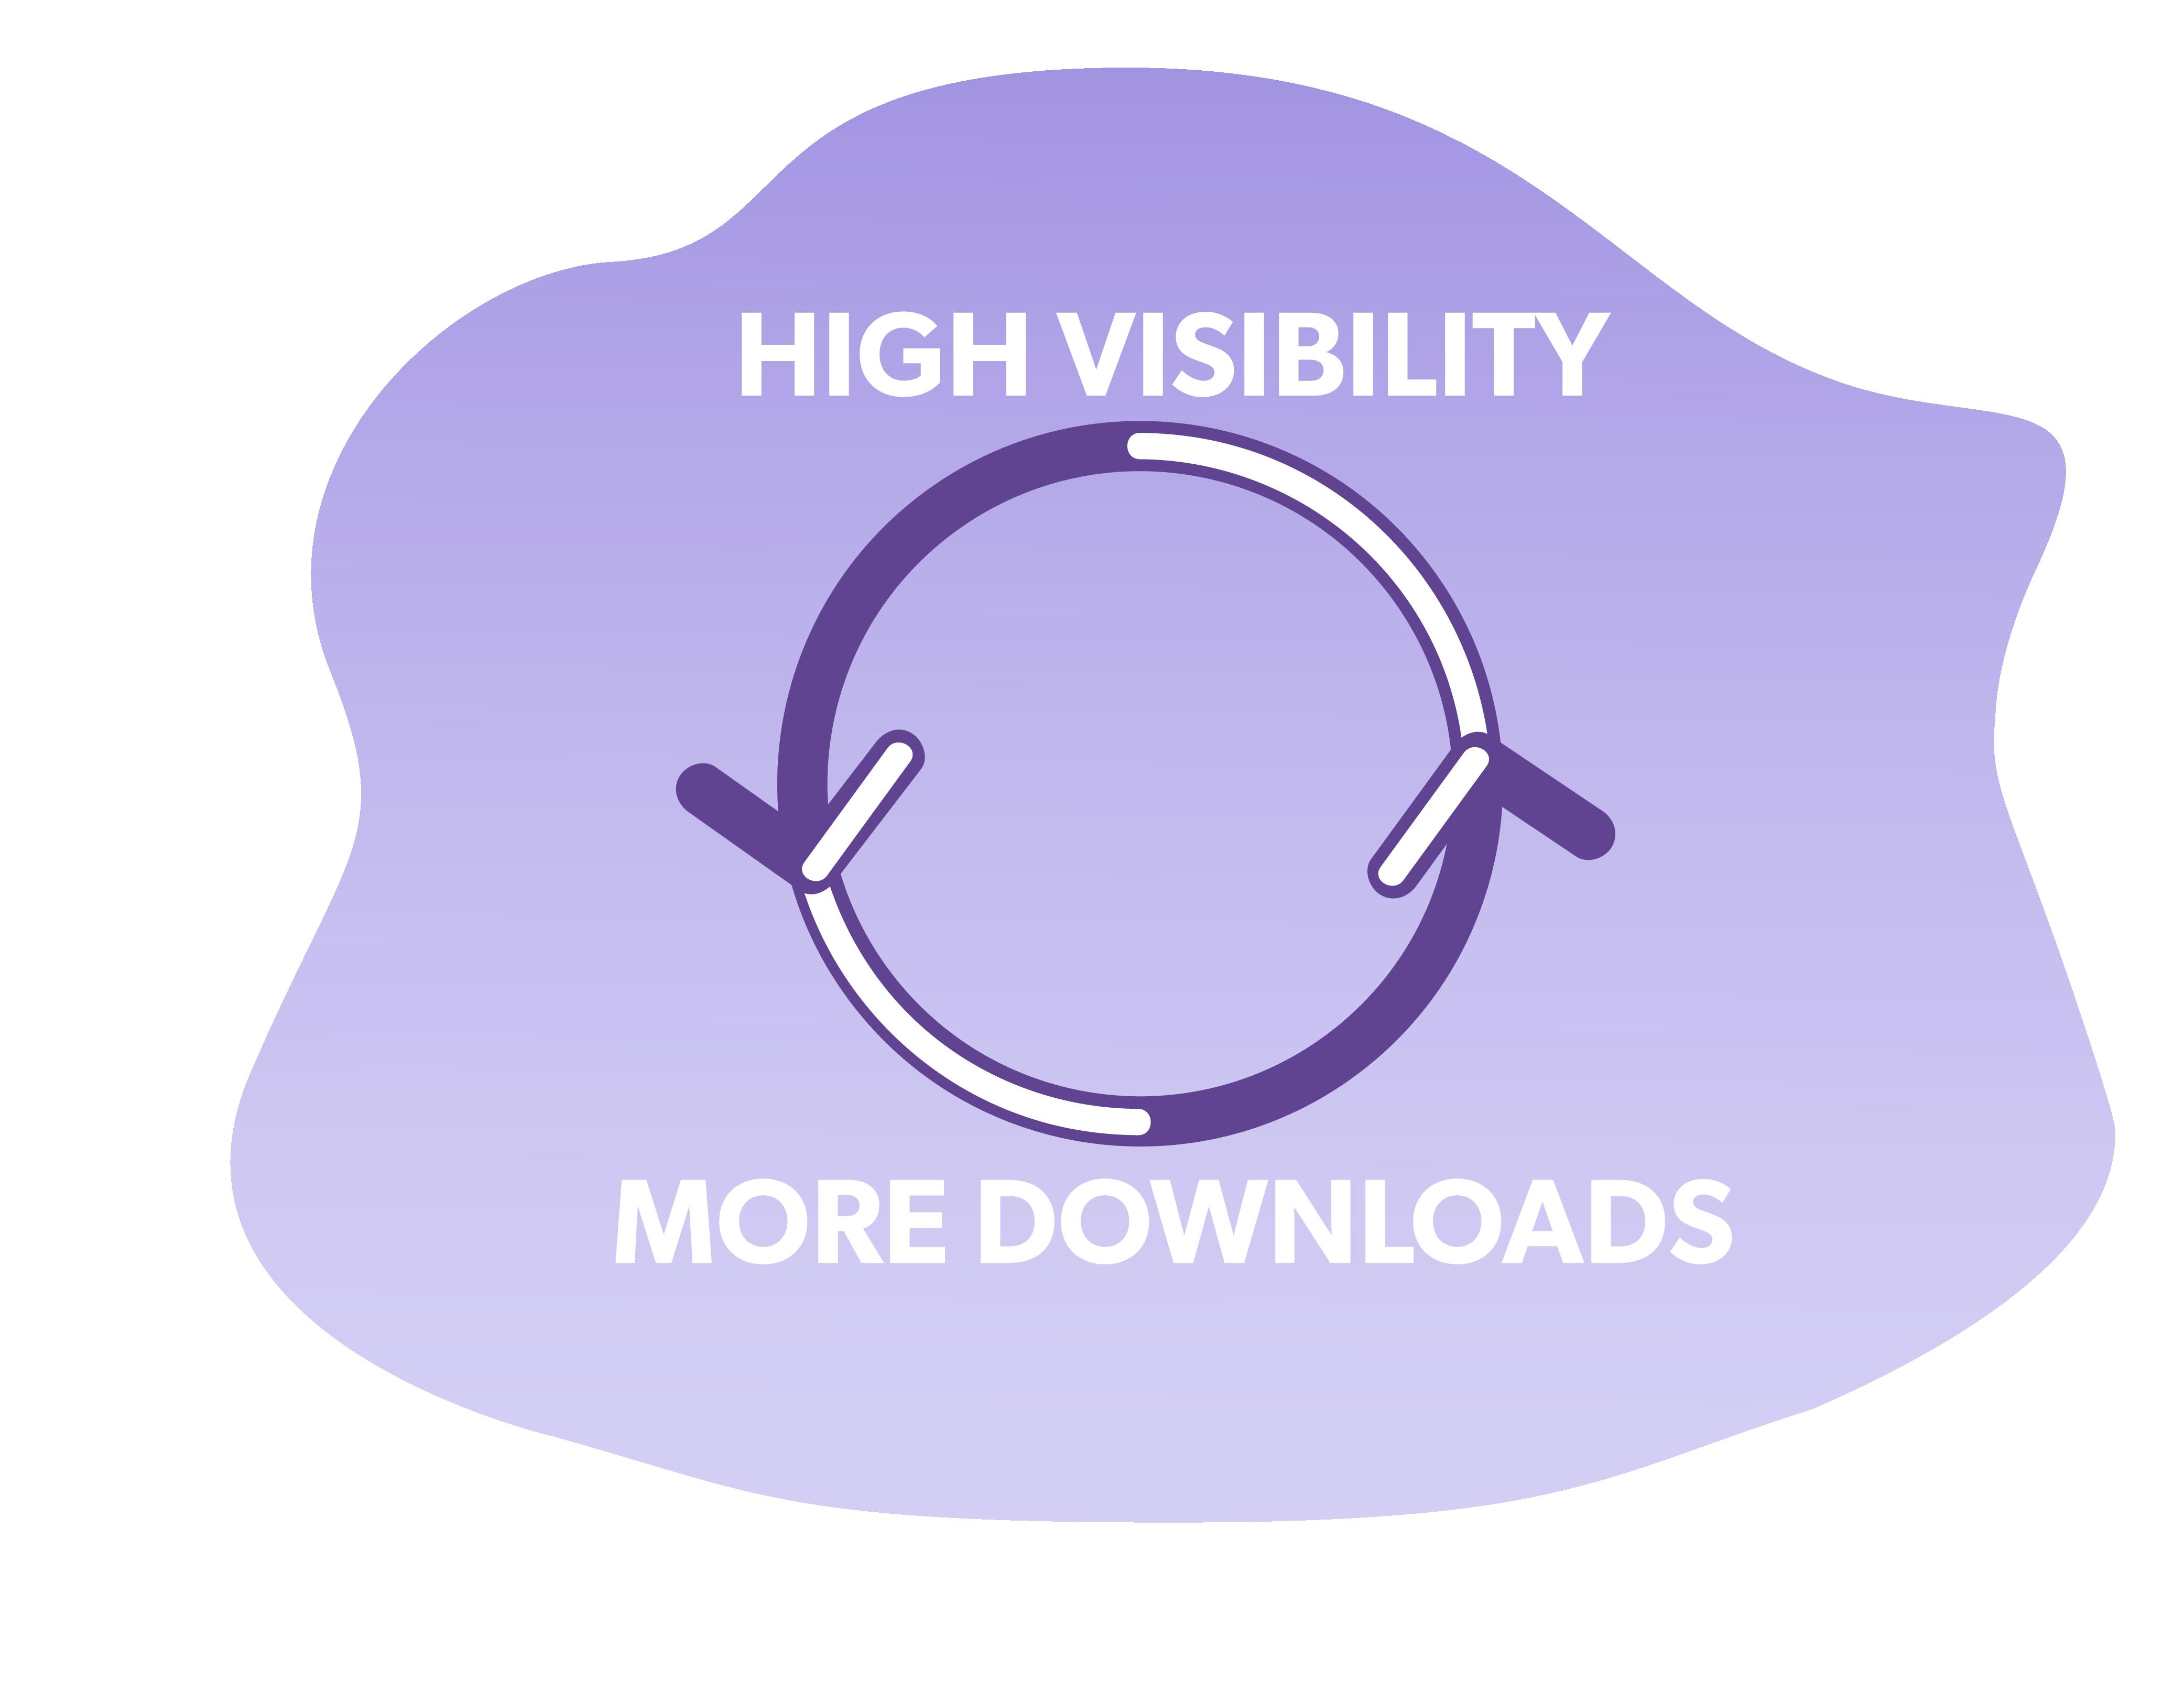 La visibilità porta a più download, il che porta a una maggiore visibilità